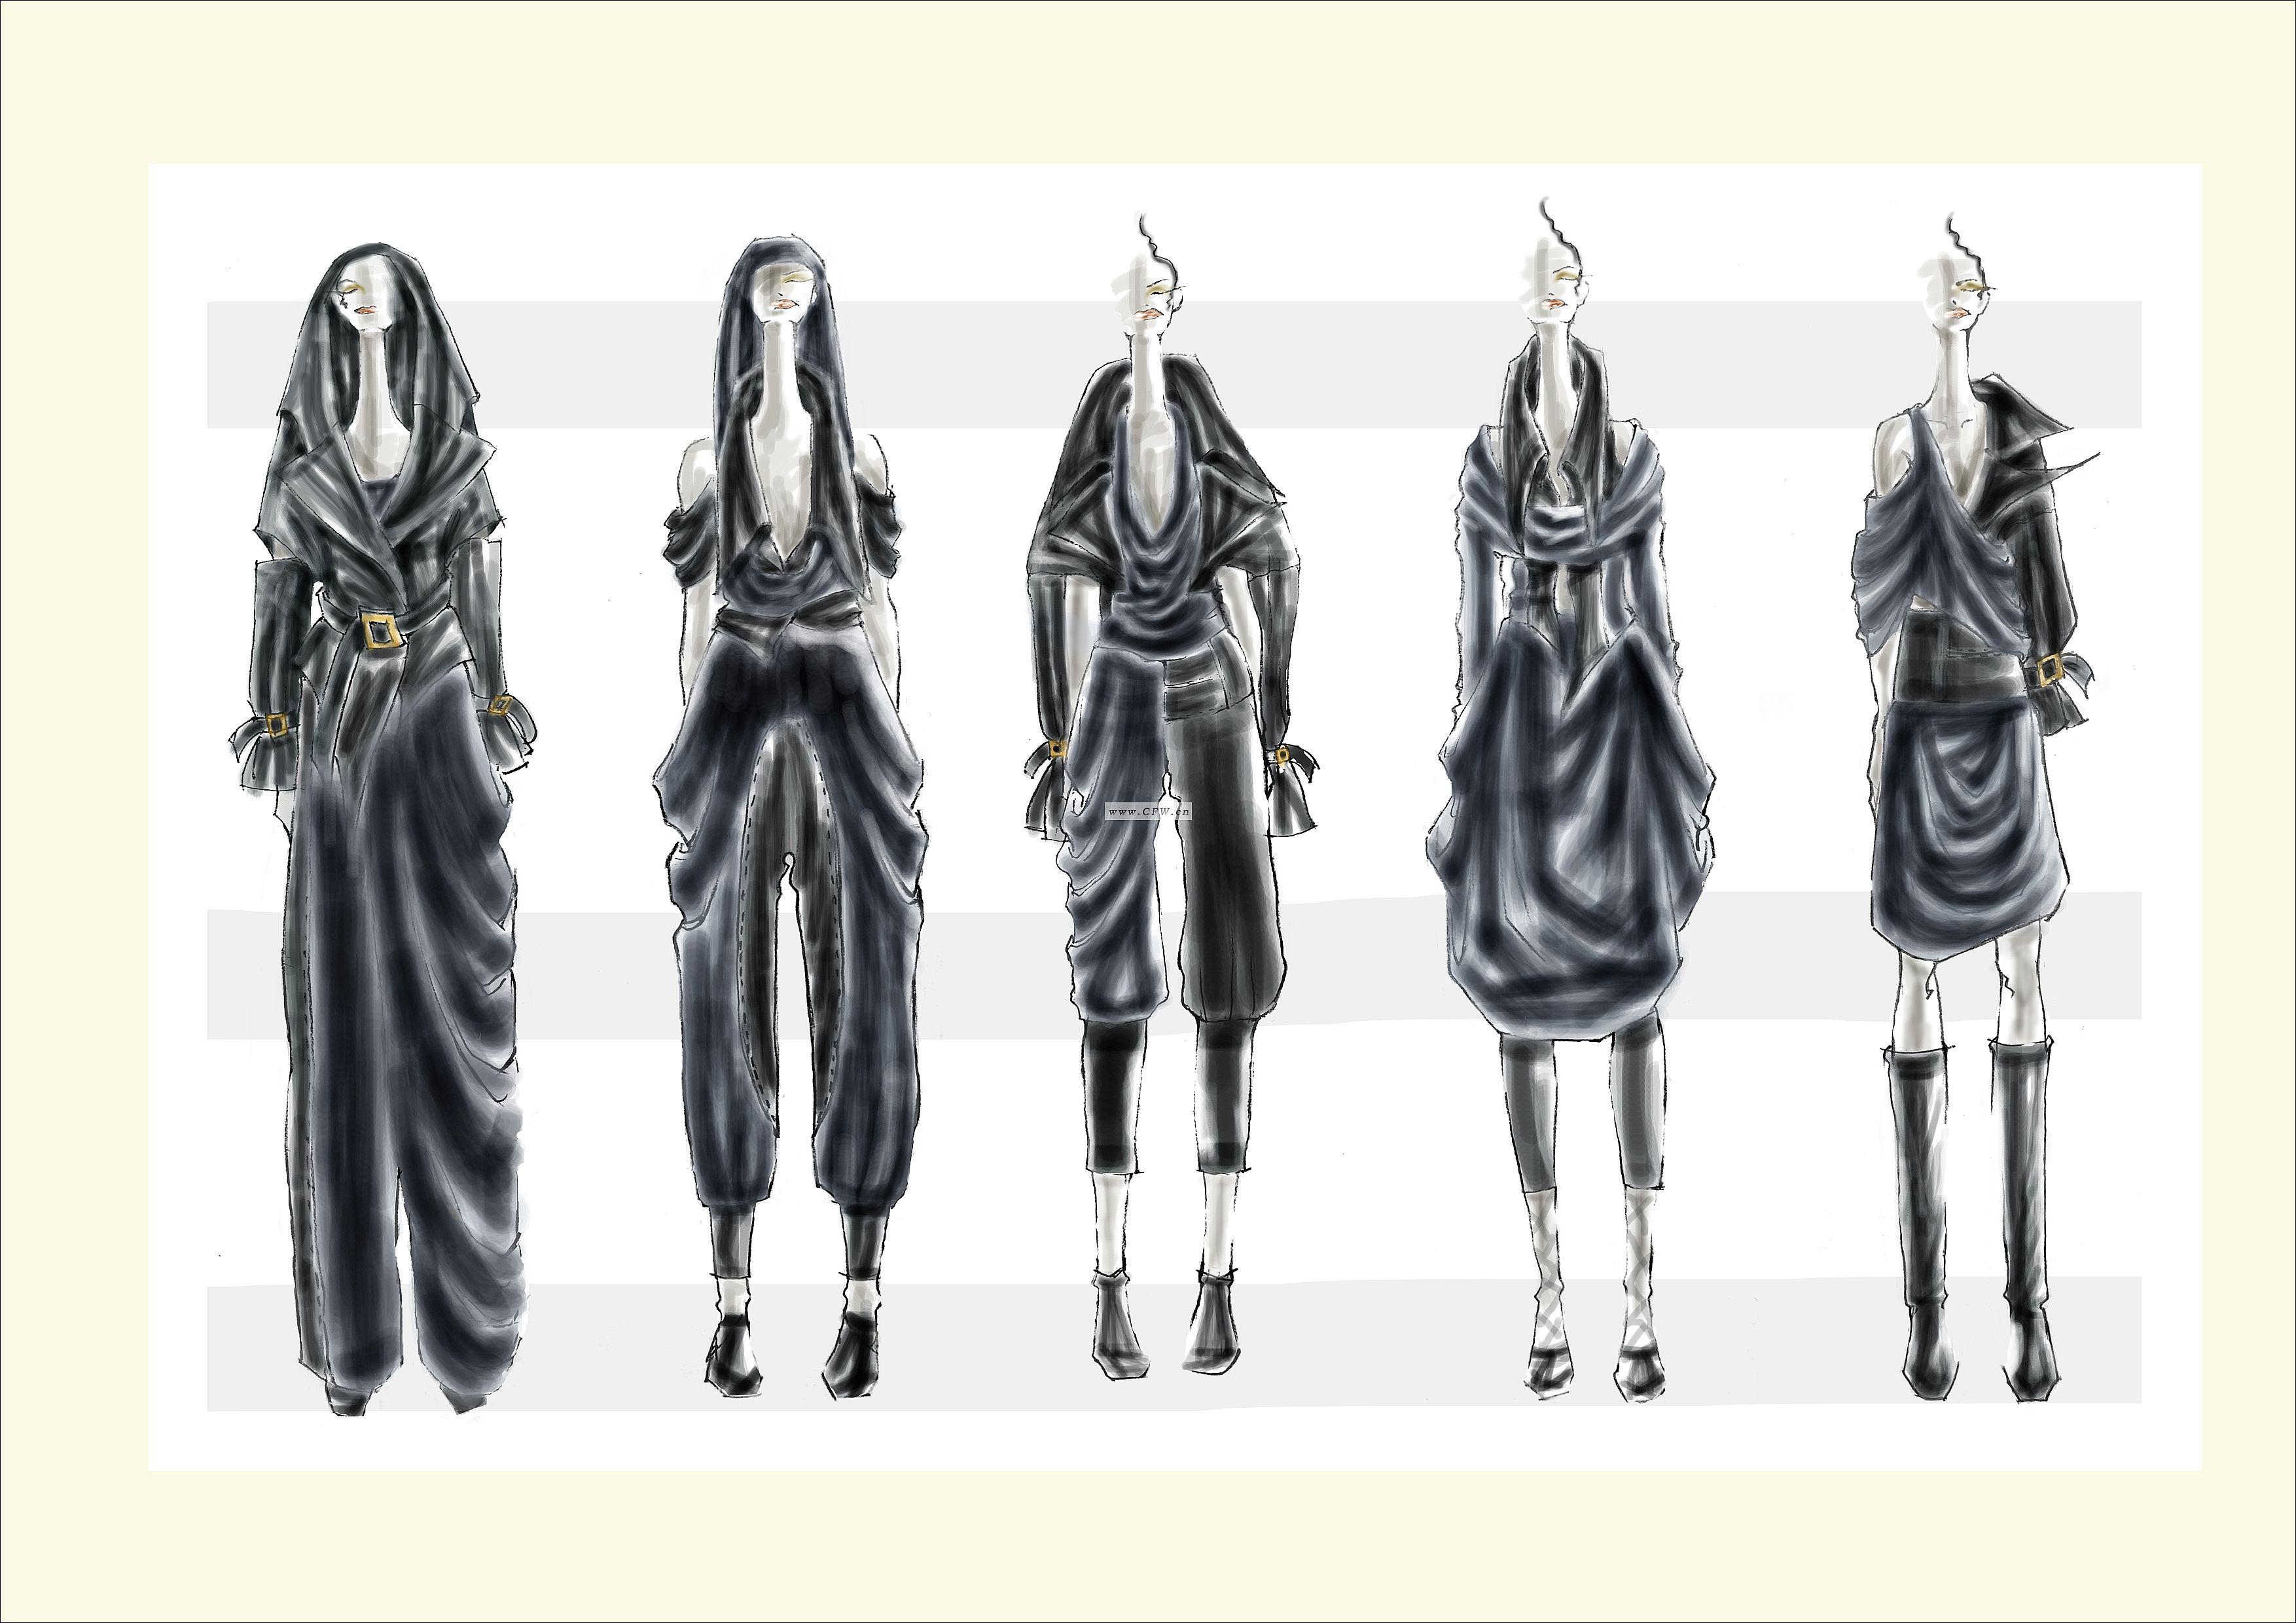 参赛作品-大赛作品设计-服装设计